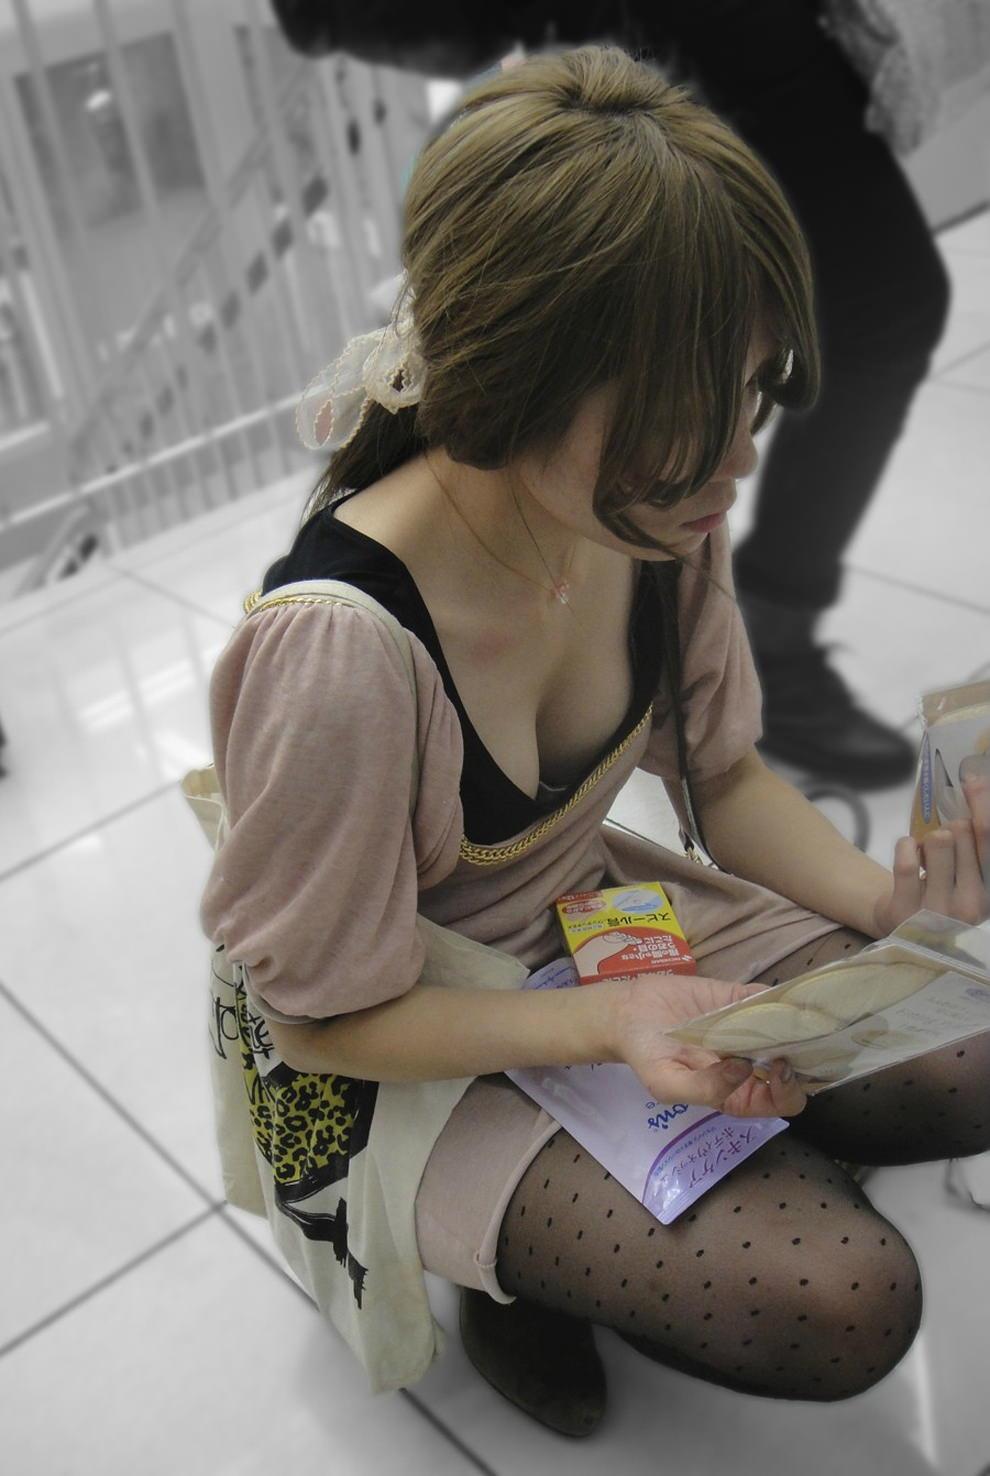 これからの時期胸チラおっぱい見放題www素人の柔らかそうな乳房にテント不可避www 01142